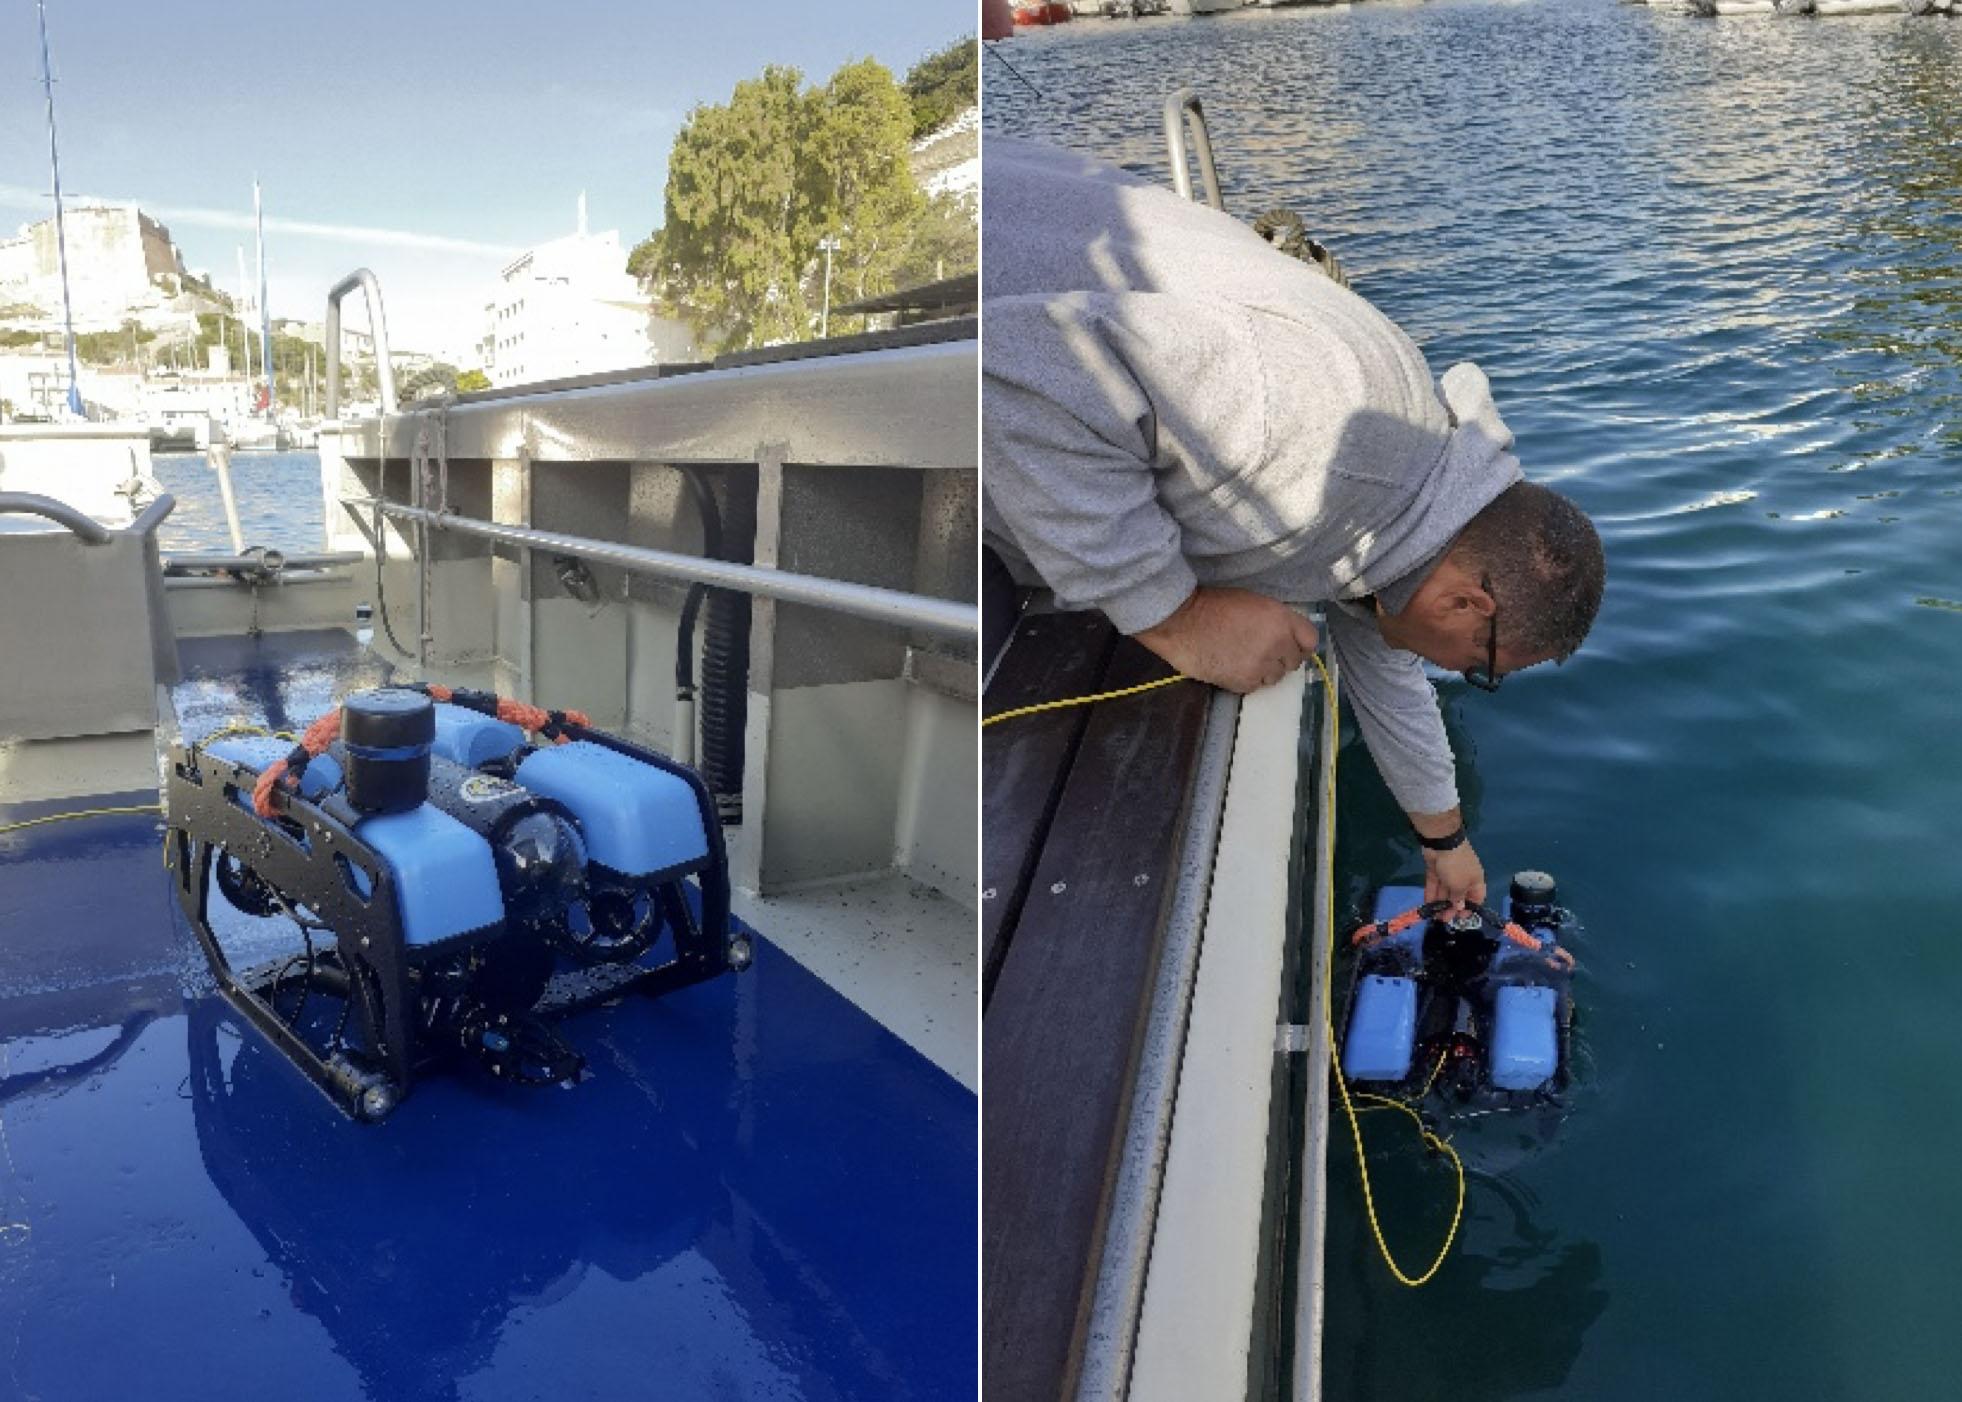 Un ROV, robot pour étudier les fonds marins